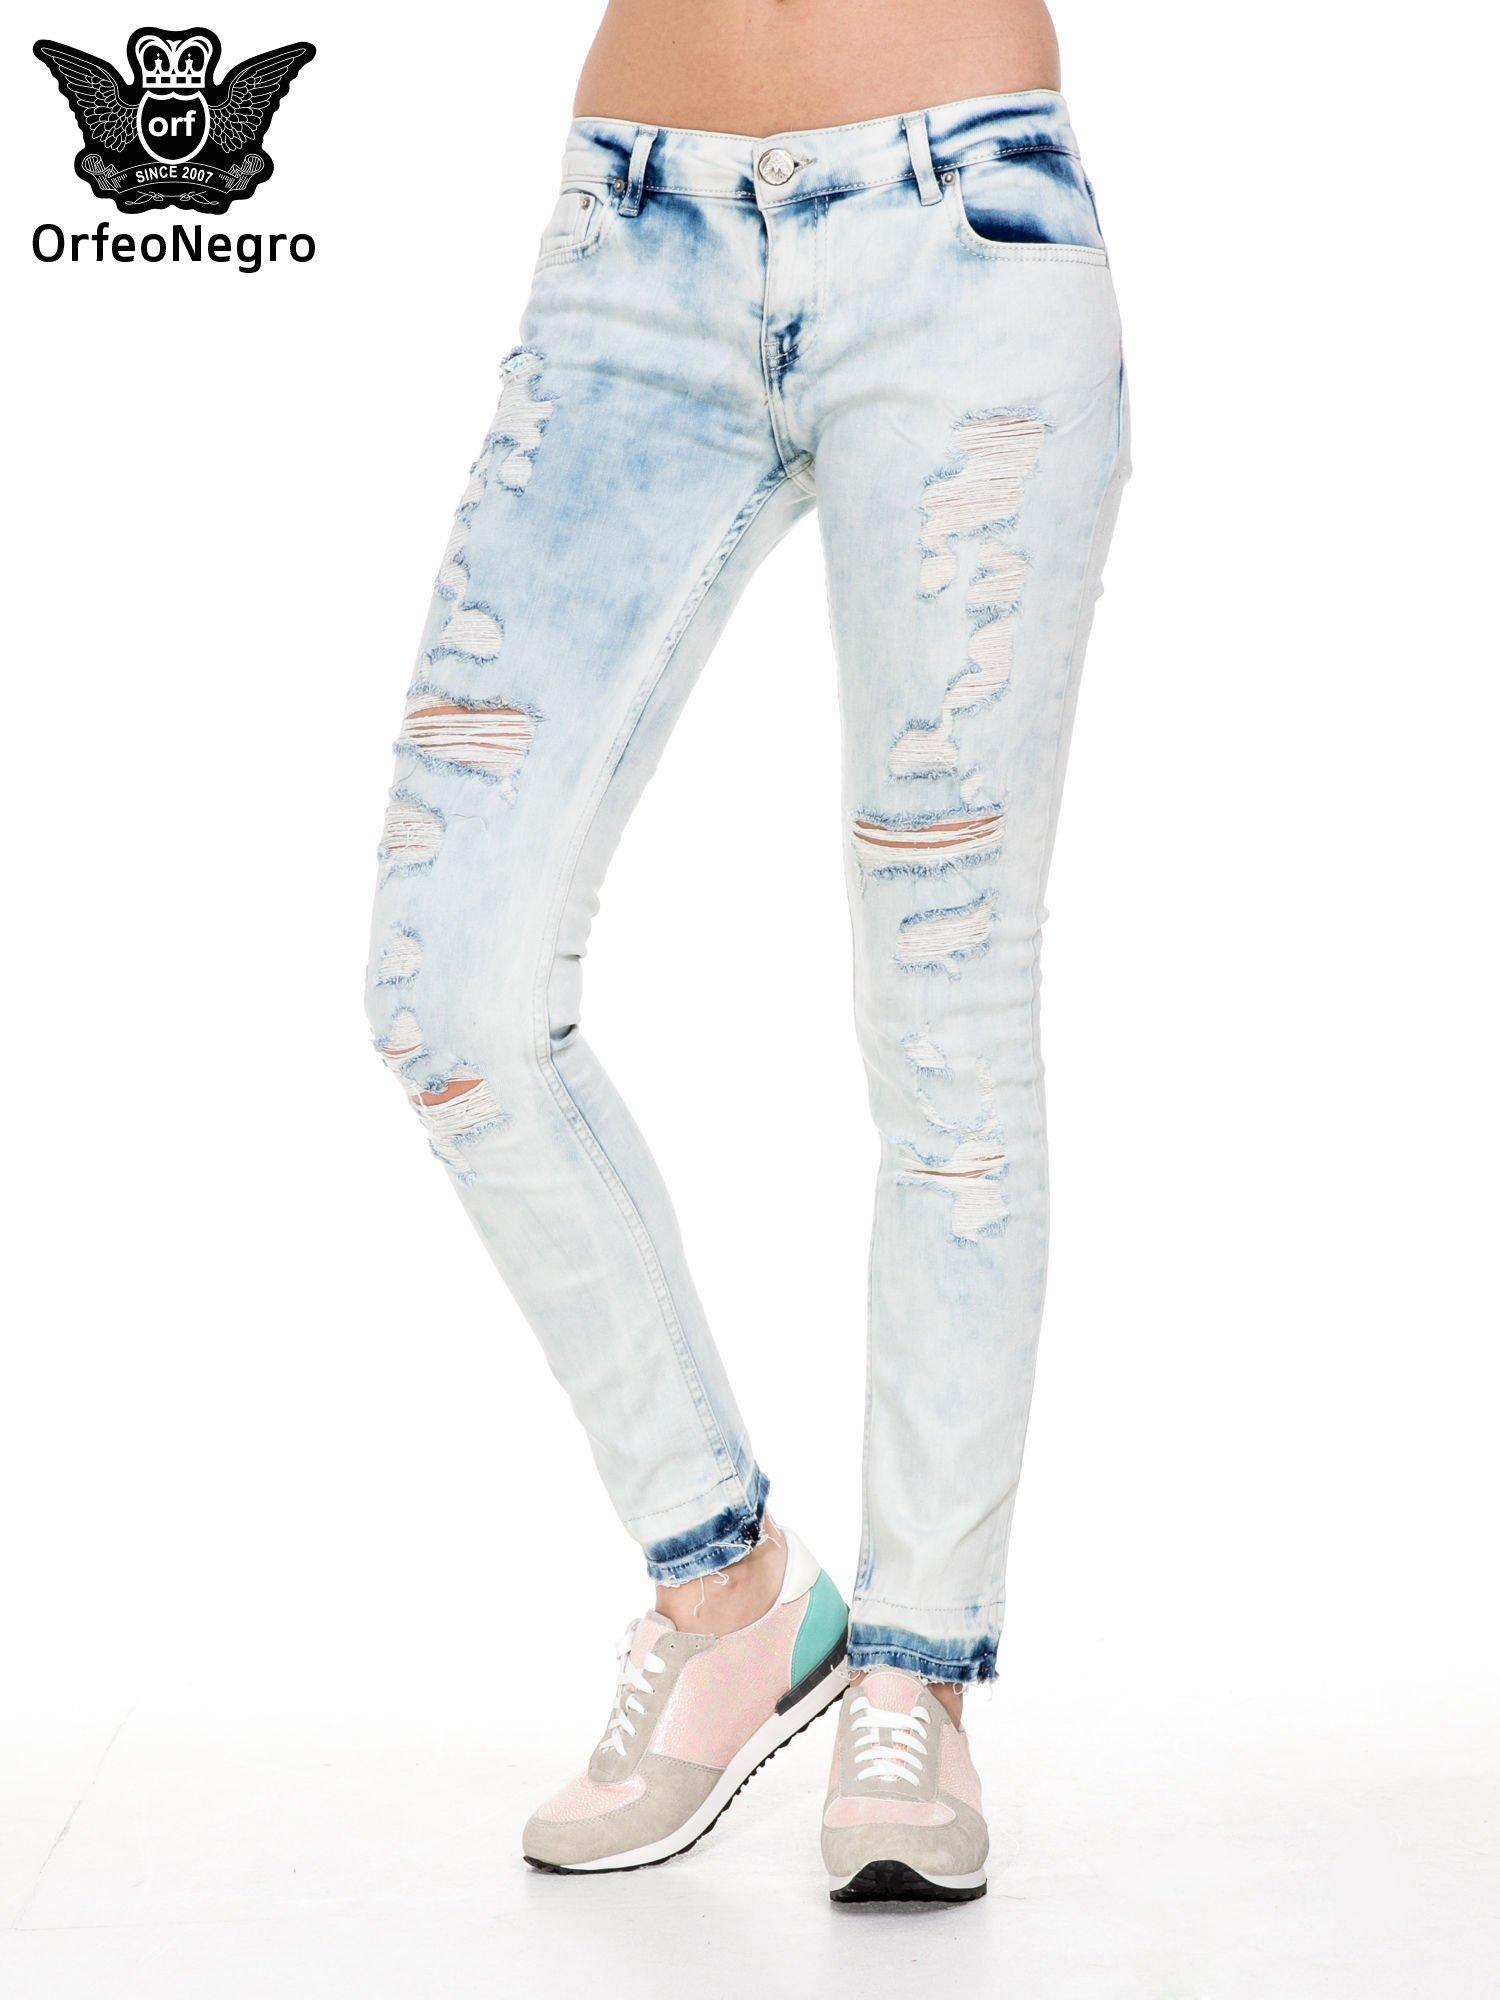 Jasnoniebieskie spodnie jeansowe rurki z przetarciami i poszarpaną na dole nogawką                                  zdj.                                  1